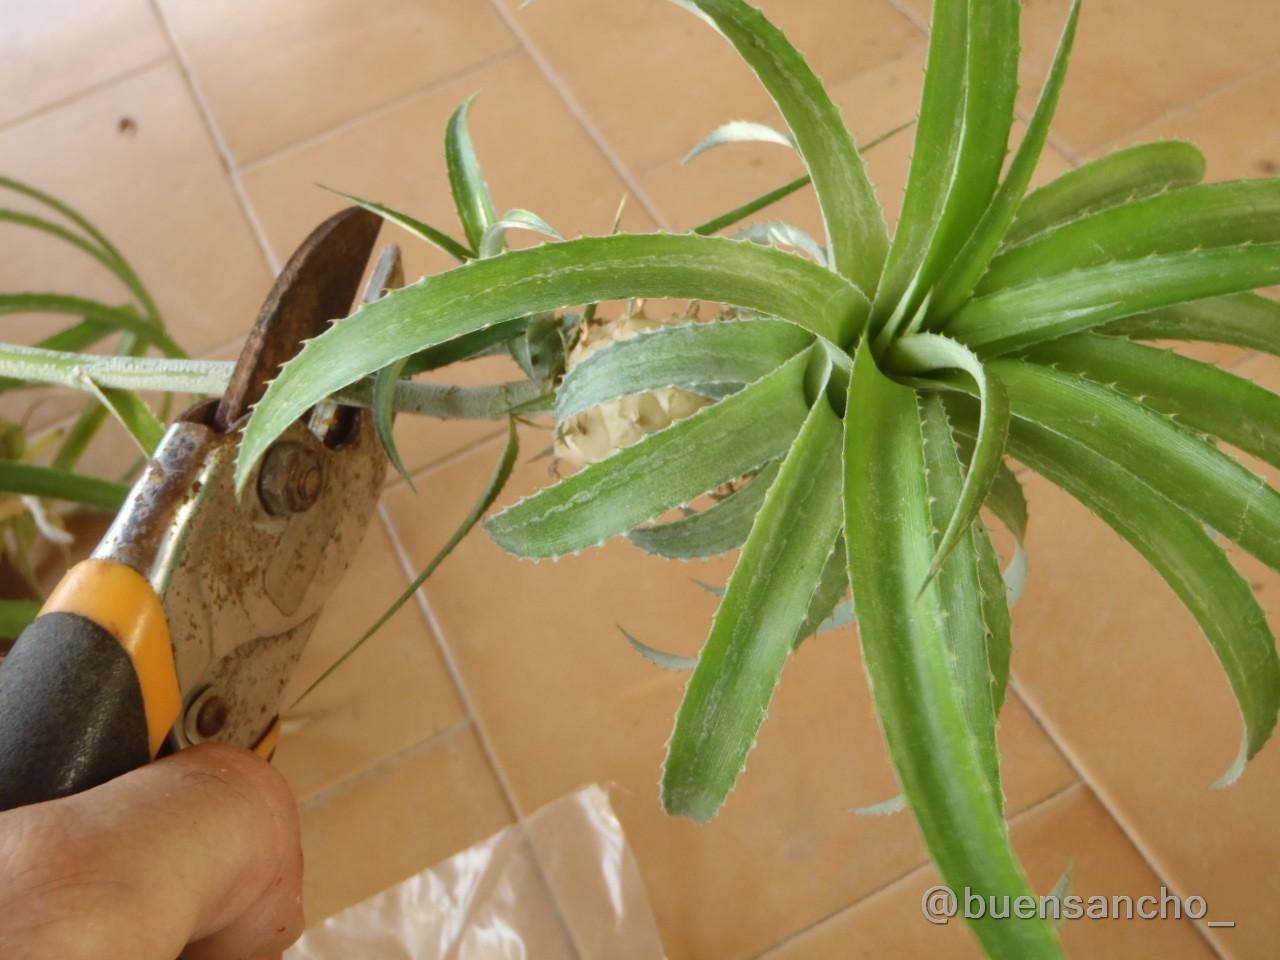 Buensancho jardinero pi a de jard n for Aspiradora de hojas de jardin